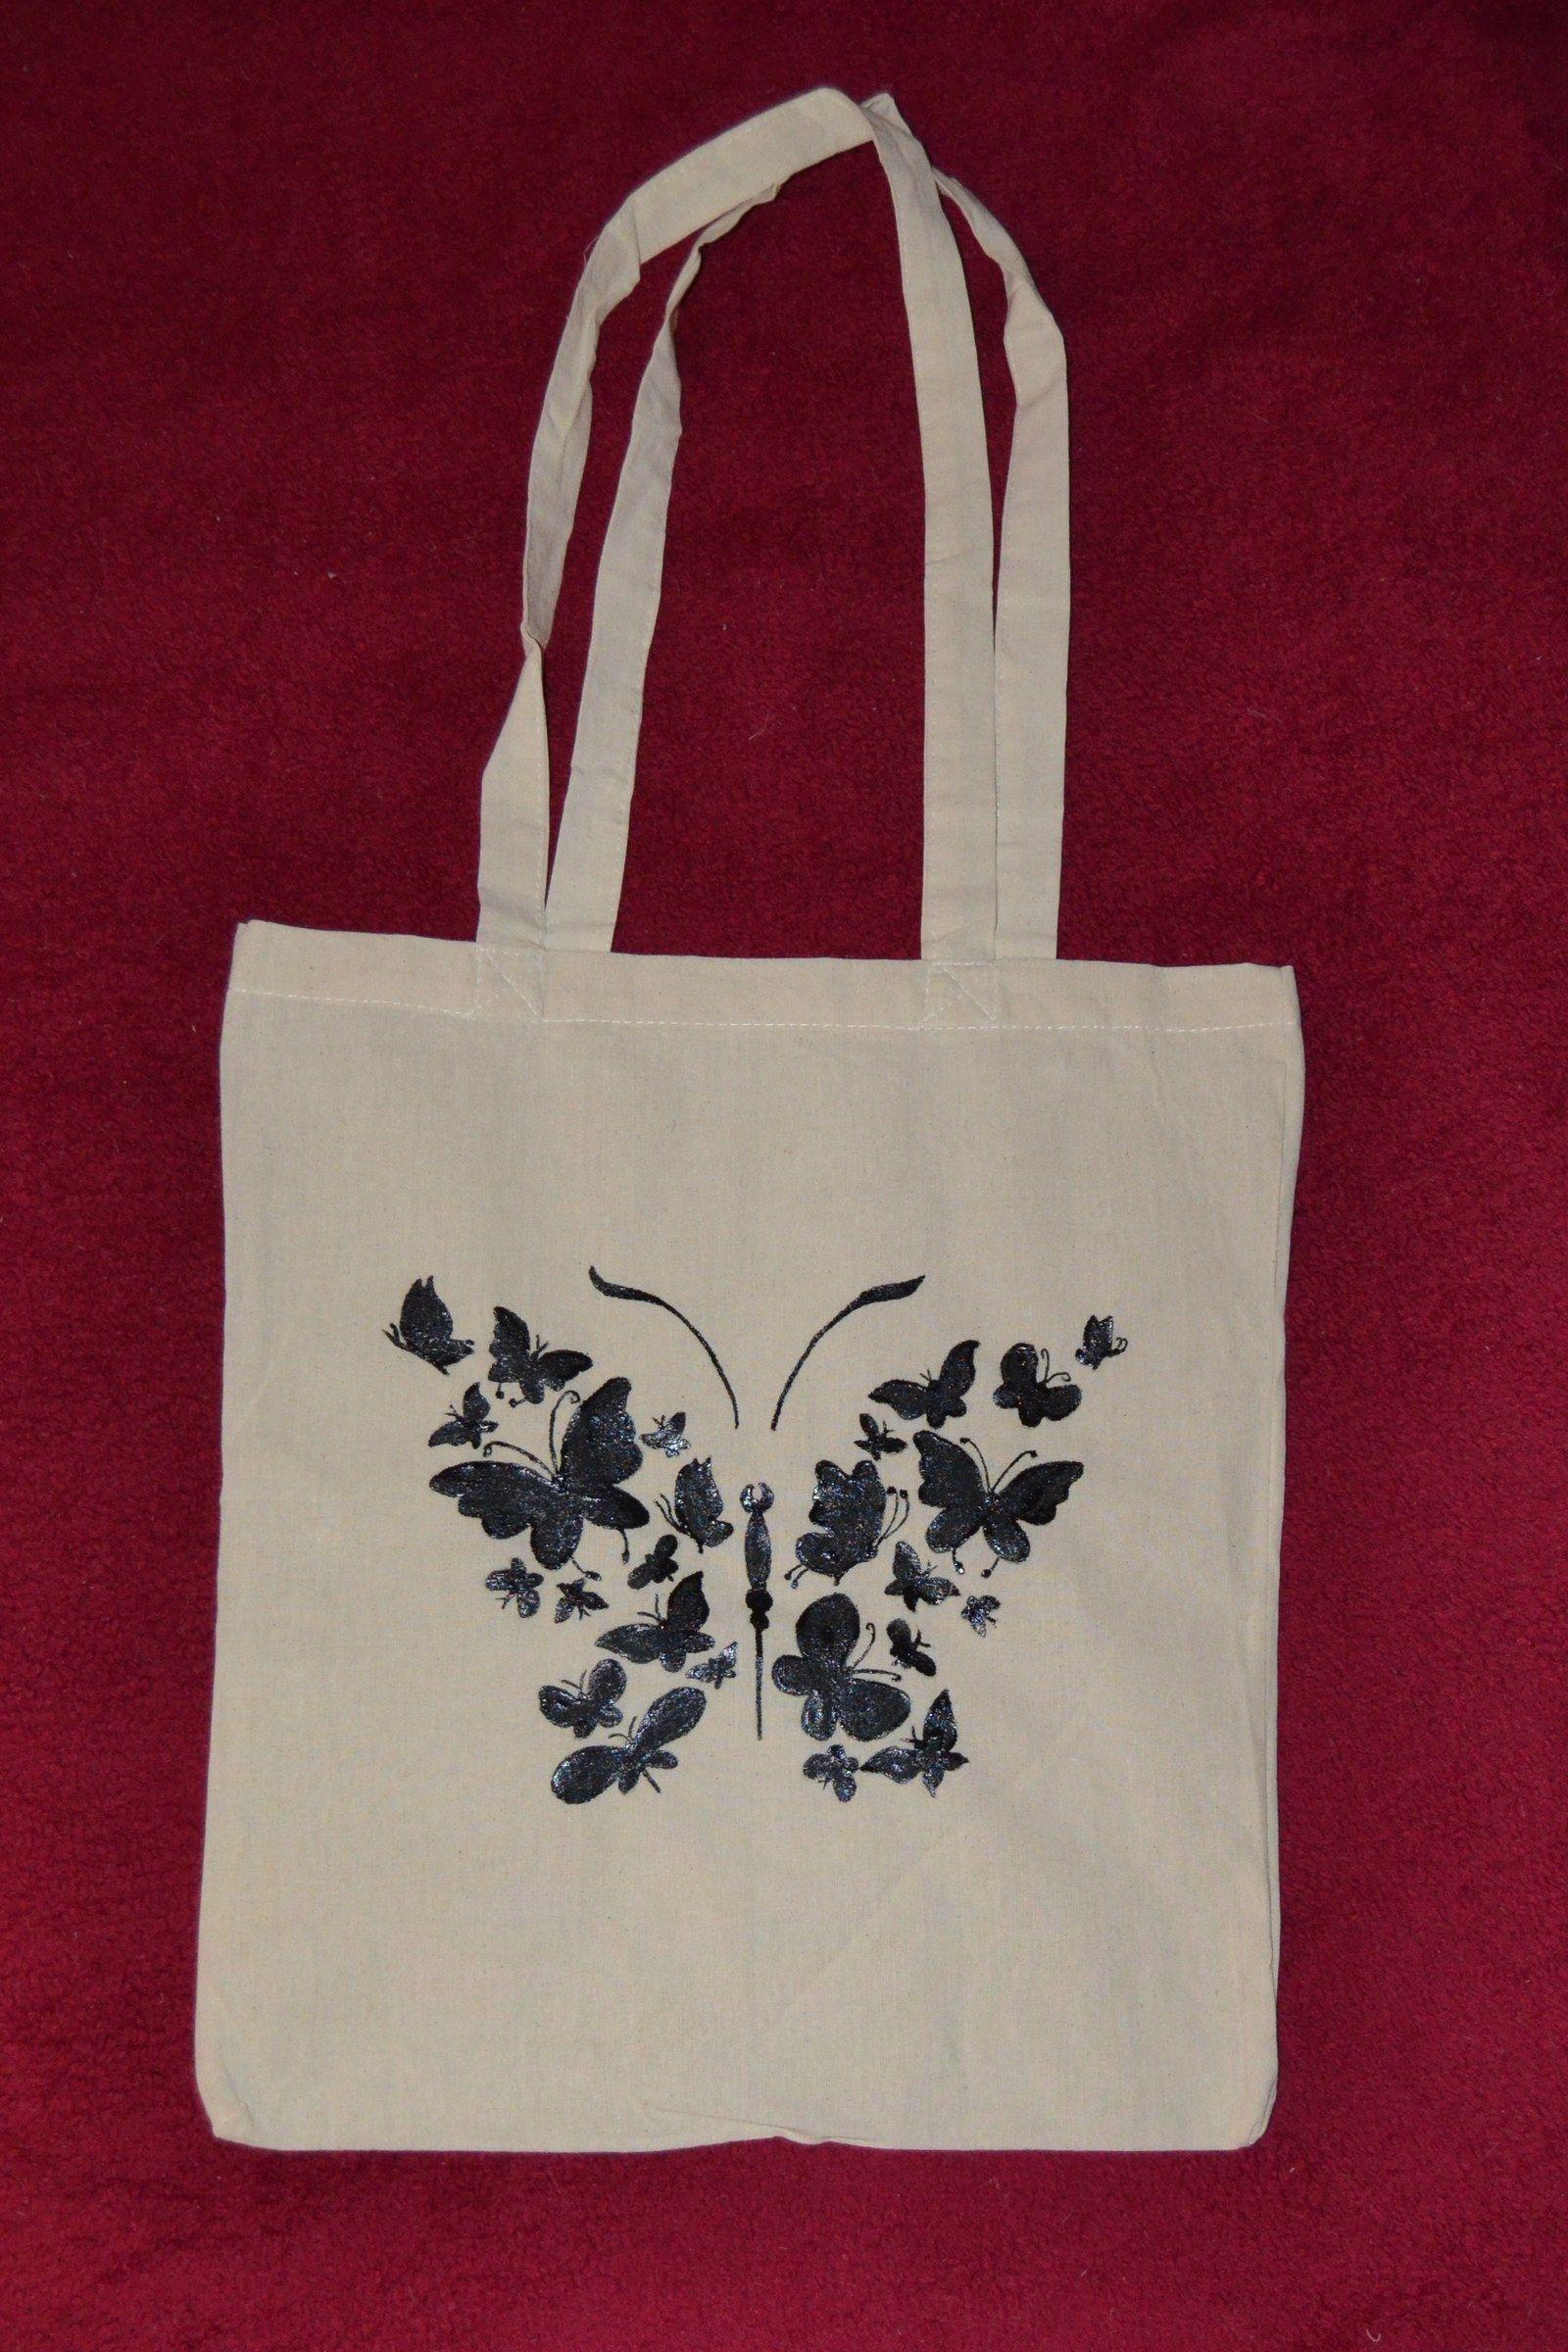 b0b6490a3 Bavlněná ručně malovaná taška Krásná, bavlněná, ručně malovaná taška.  Rozměry 42 cm x